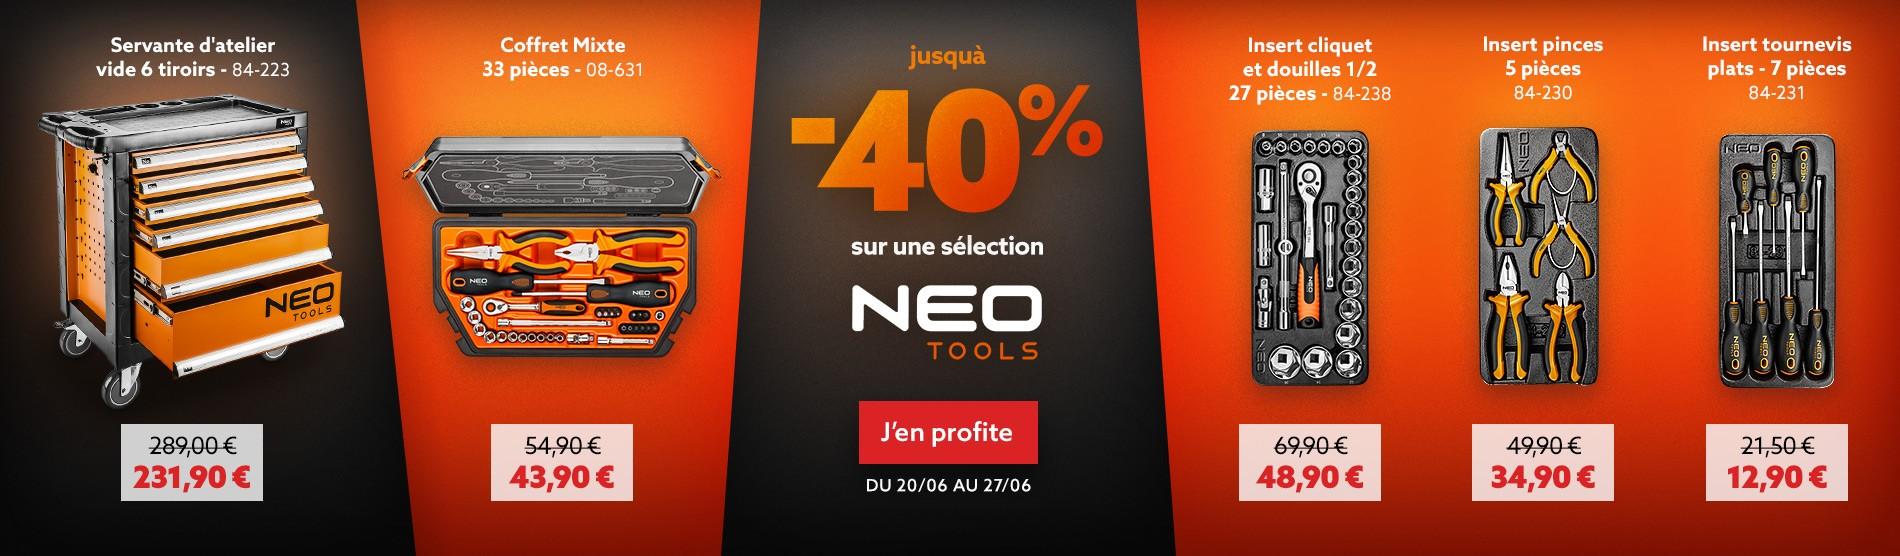 Jusqu'à -50% sur une sélection Neo Tools